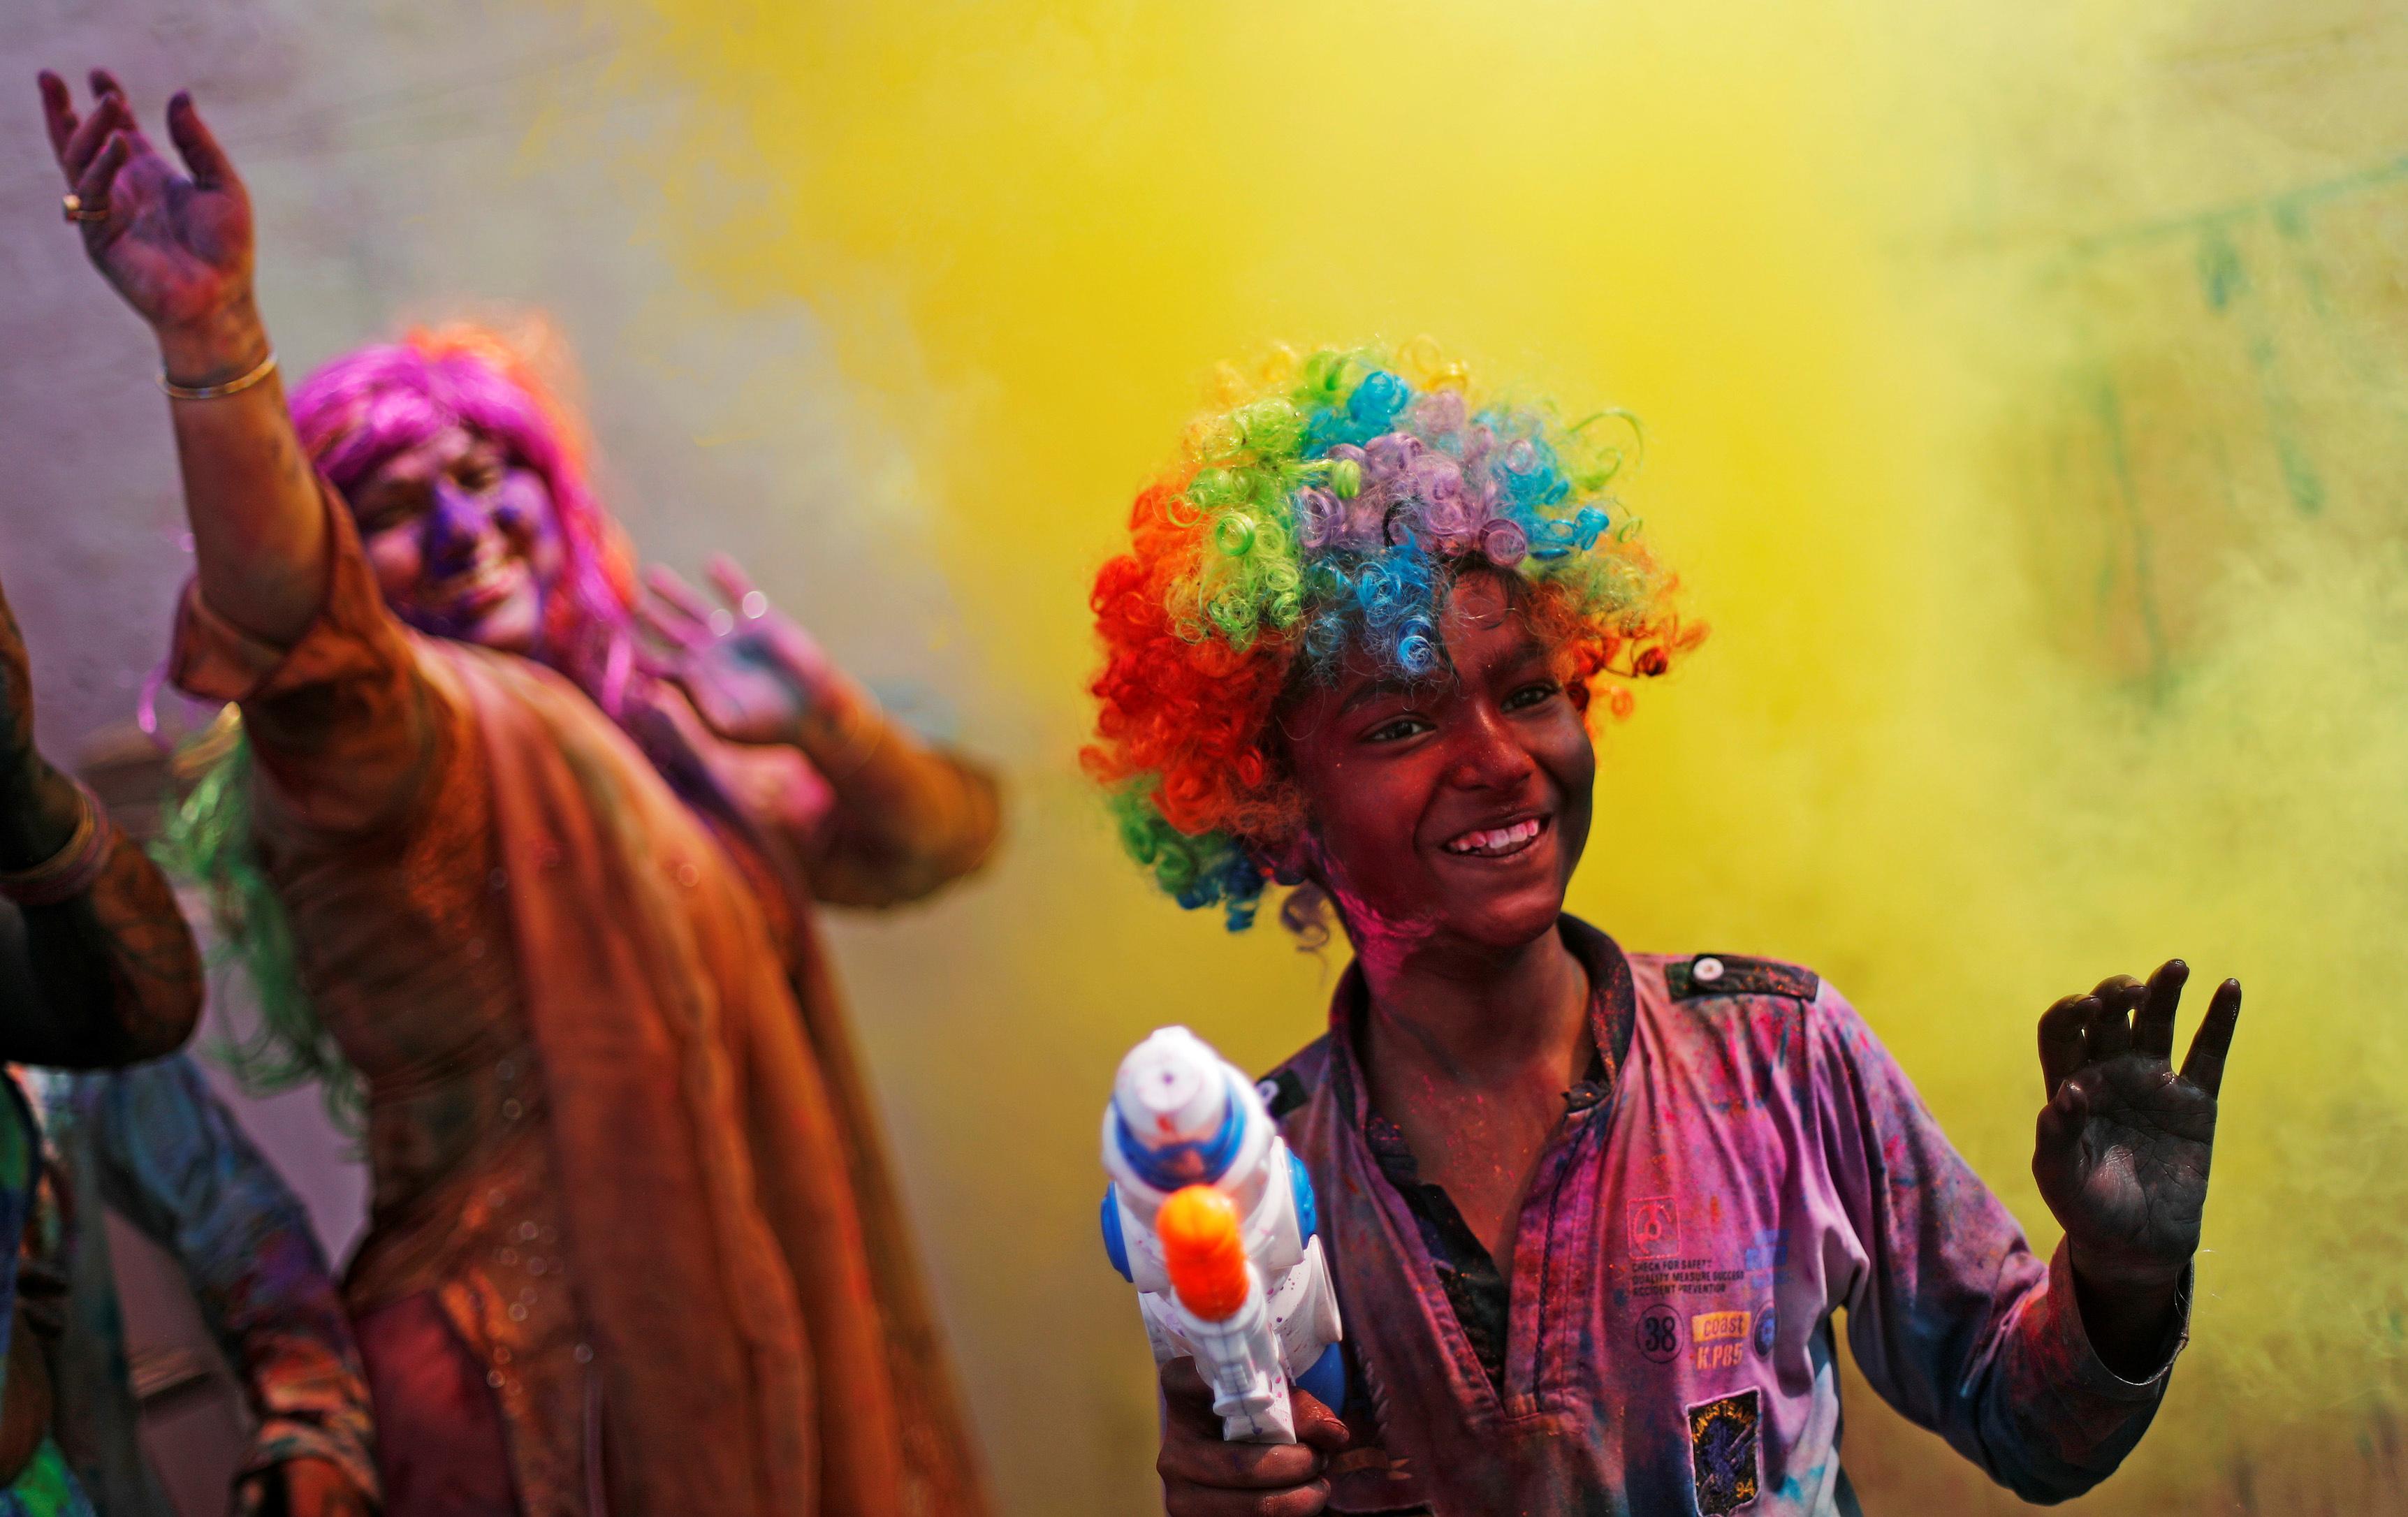 مهرجان الألوان المبهجة فى الهند احتفالا بقدوم فصل الربيع (11)